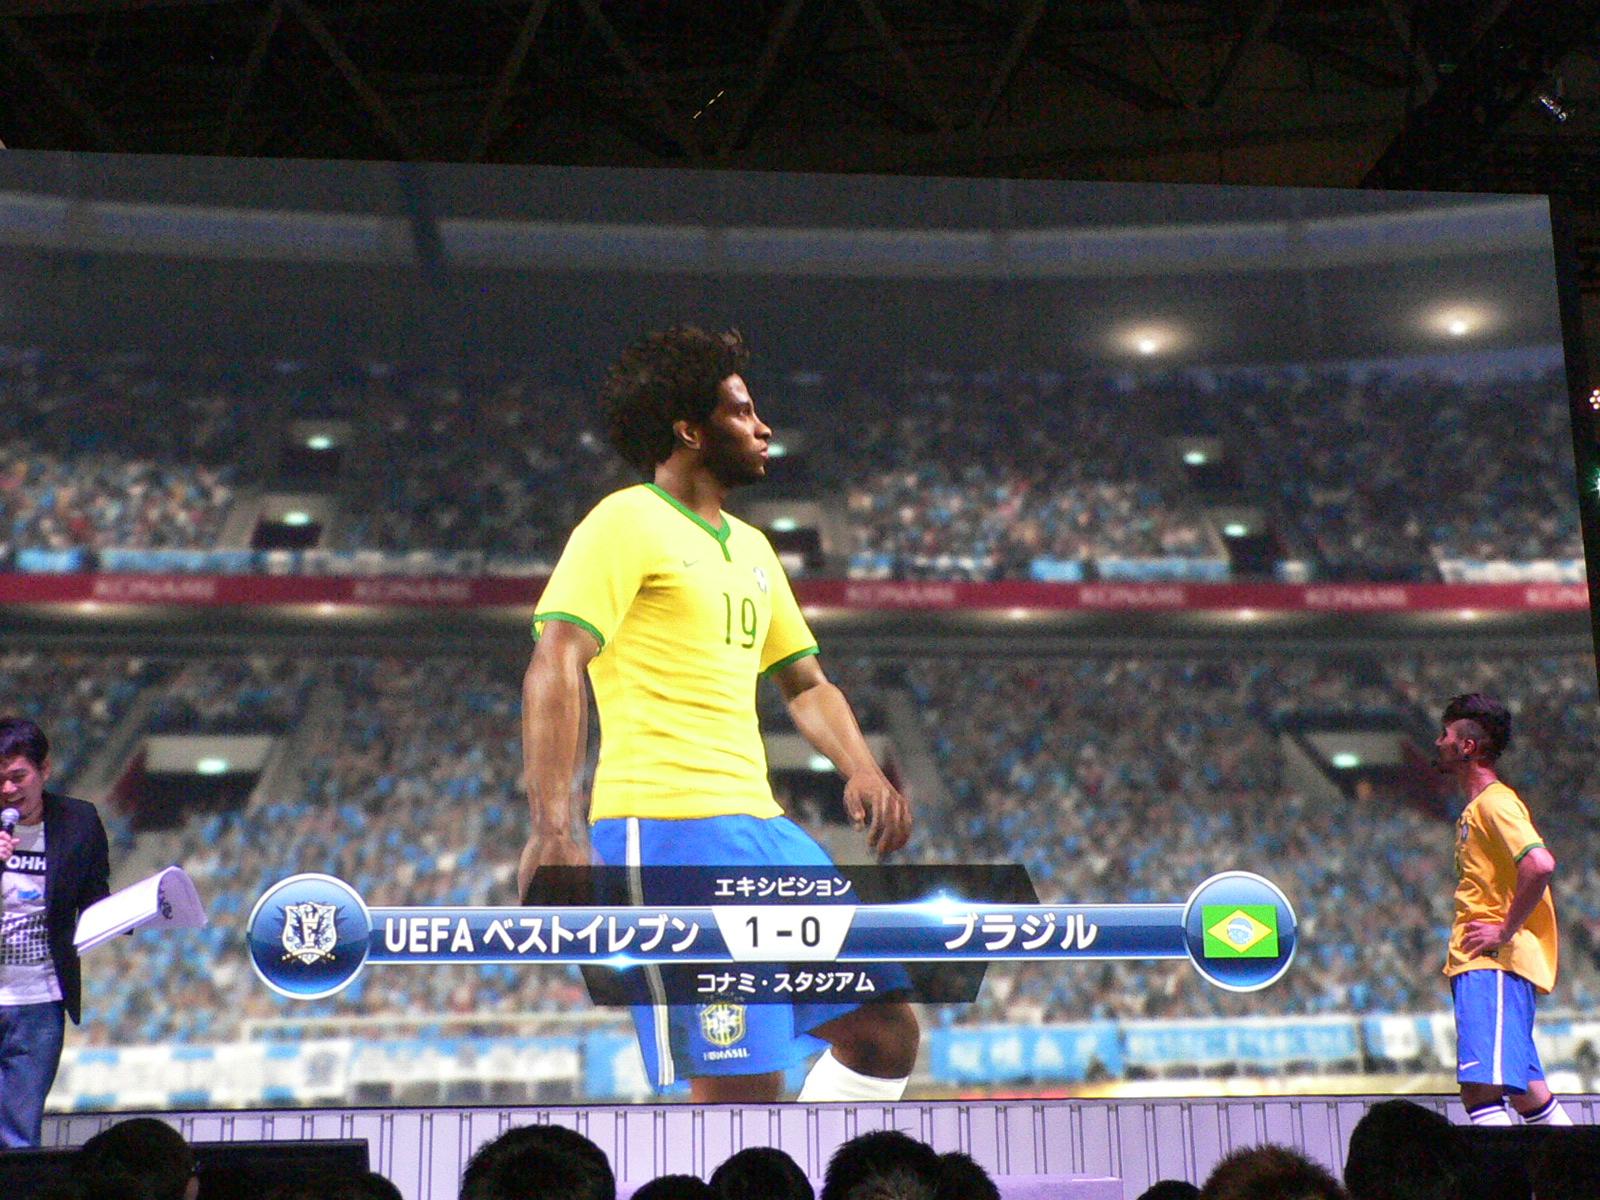 試合終了後、JOYさんはブラジルの選手同様に悔しい表情を見せ、敗因となるミスをしてしまった岩本さんは思わず苦笑い